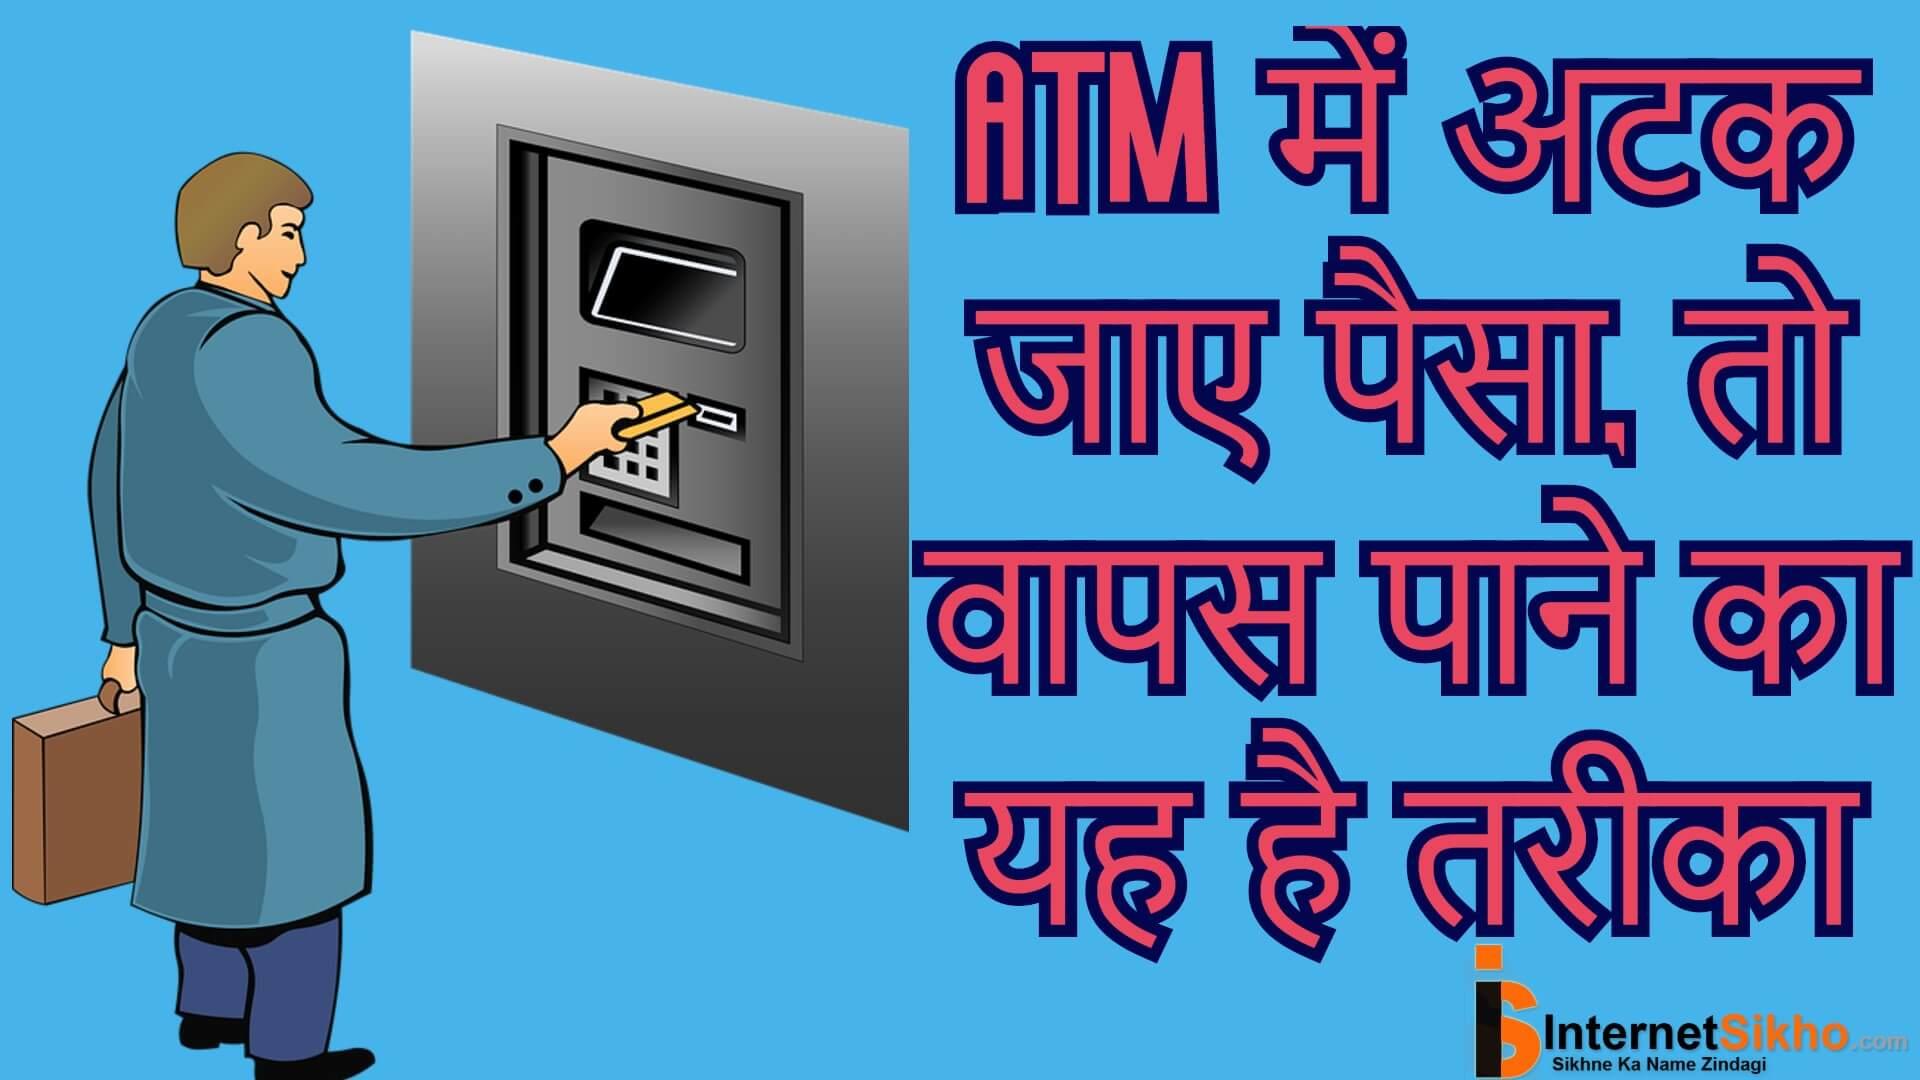 ATM  से पैसा निकालते समय पैसा ना ए तोह क्या करे?